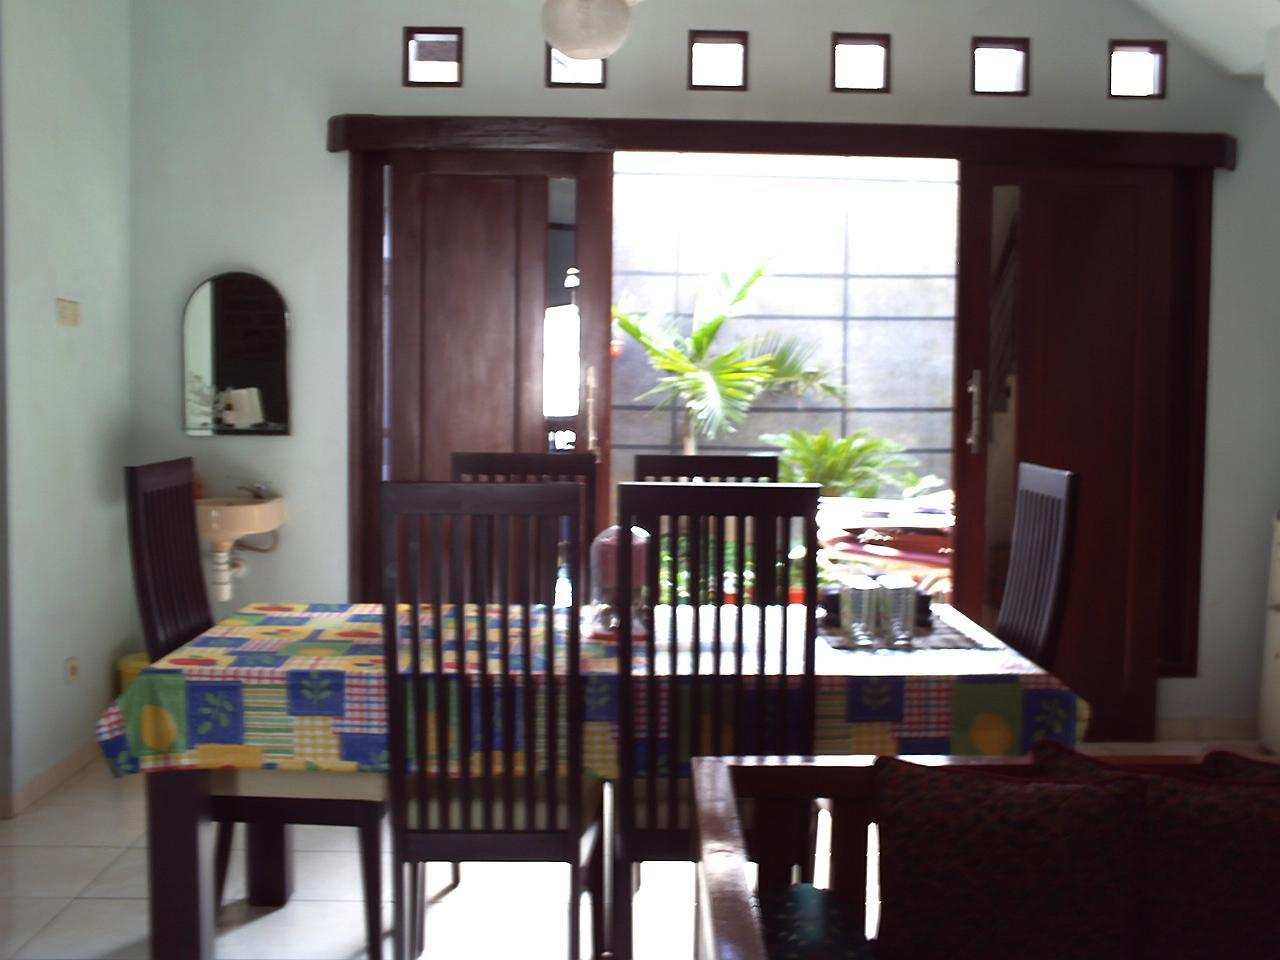 JARANG ADA Rumah Gress Daerah Gegerkalong Lt 232 Lb 200 Hadap